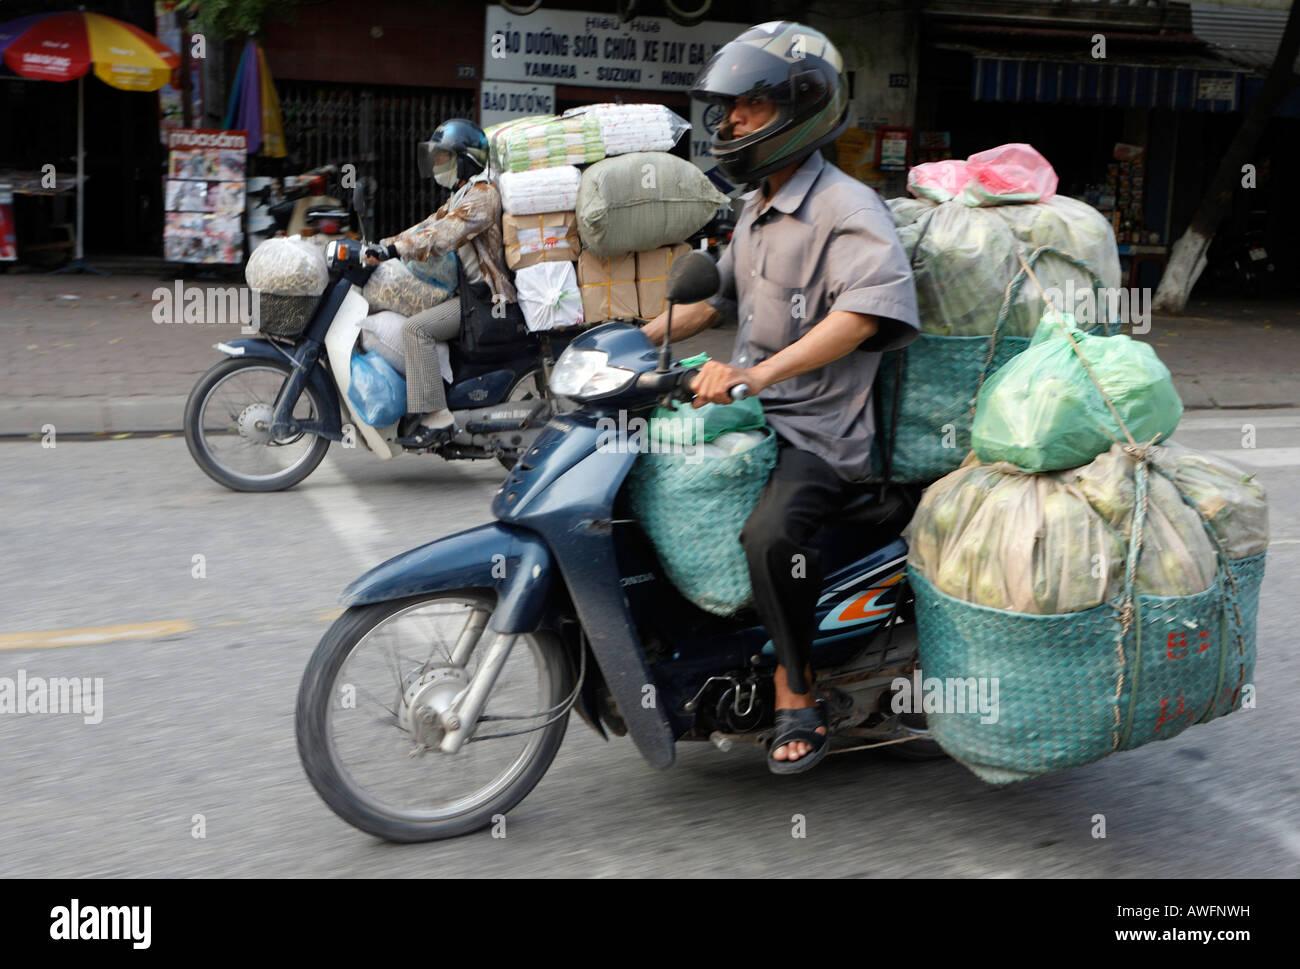 Ciclomotori come mezzo di trasporto, il traffico stradale, Hanoi, Vietnam Asia Immagini Stock